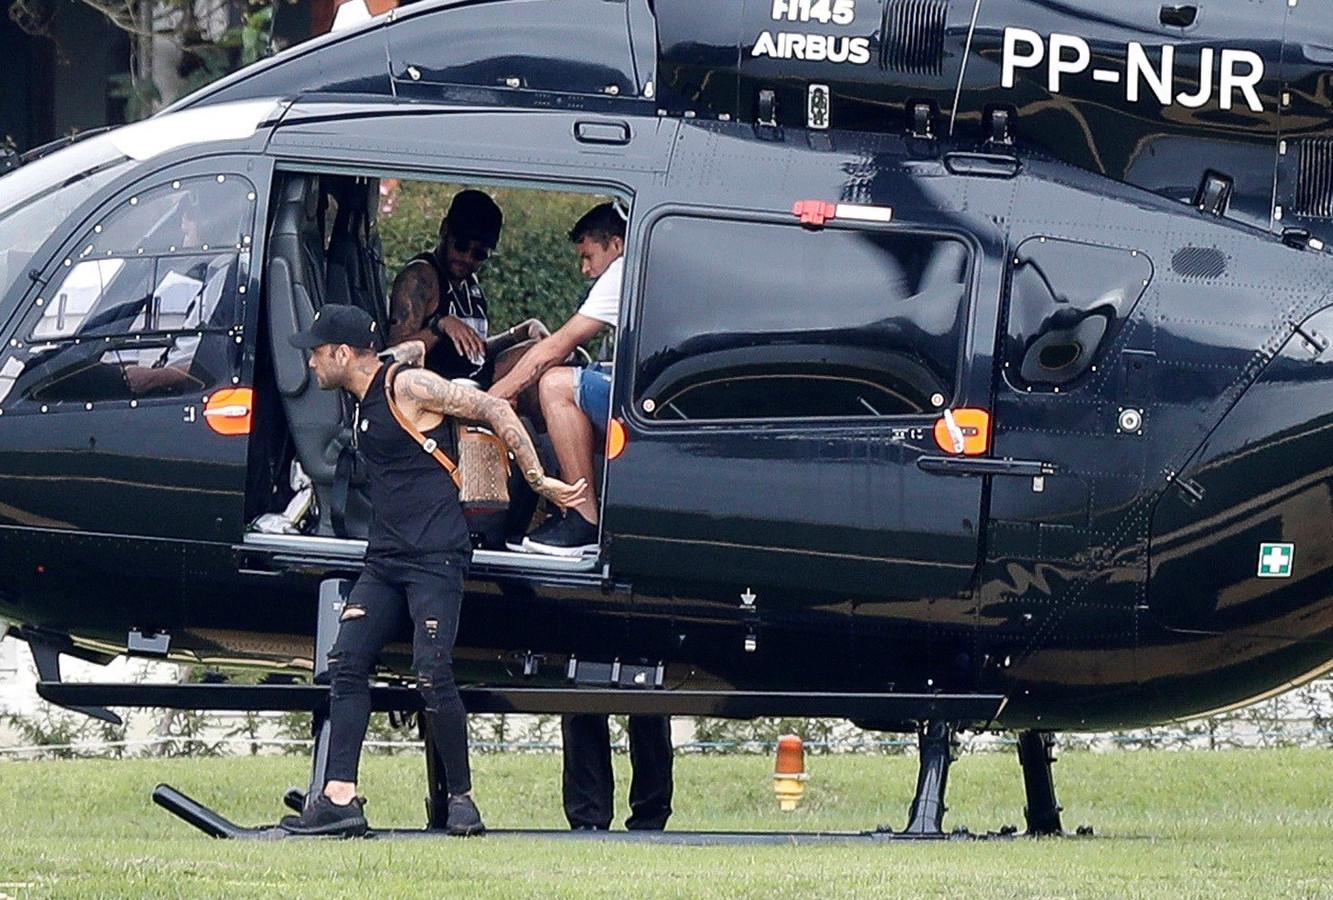 Neymar vandaag met zijn teamgenoten Dani Alves en Thiago Silva in Teresopolis, Brazilië.